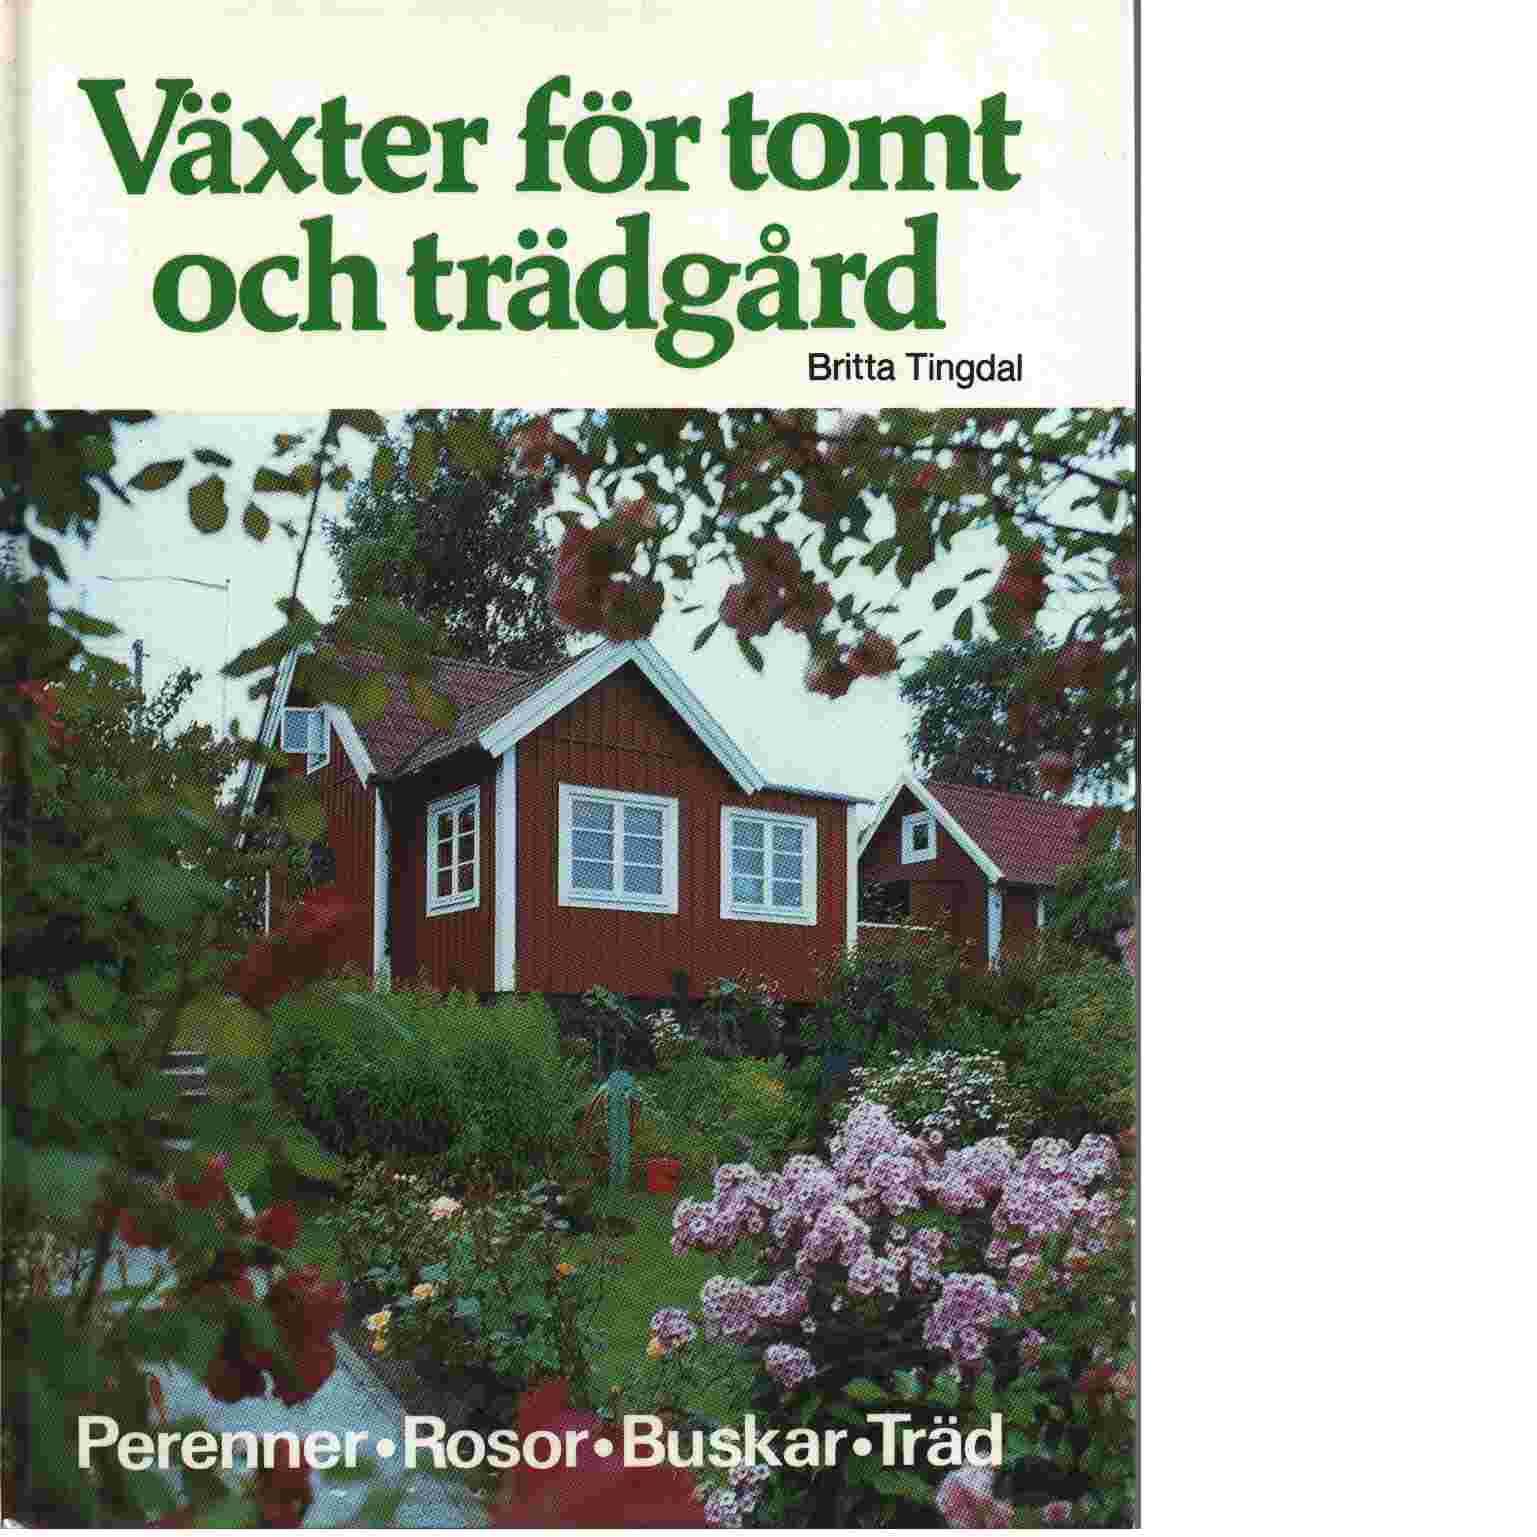 Växter för tomt och trädgård - Tingdal, Britta